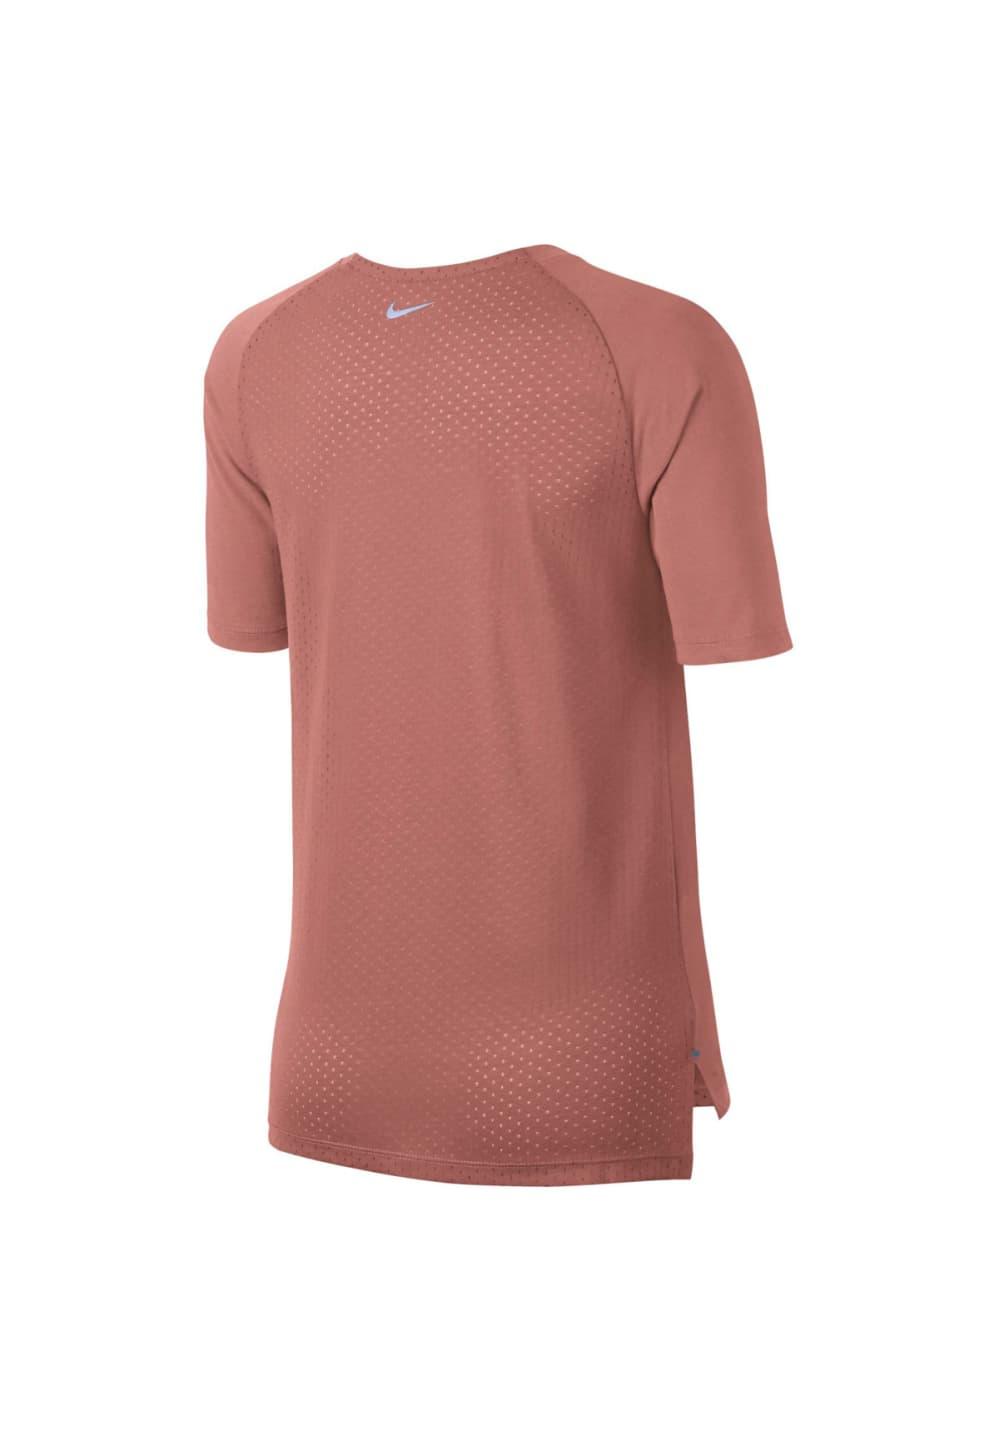 Nike Tailwind Short Sleeve Running Top Laufshirts für Damen Pink